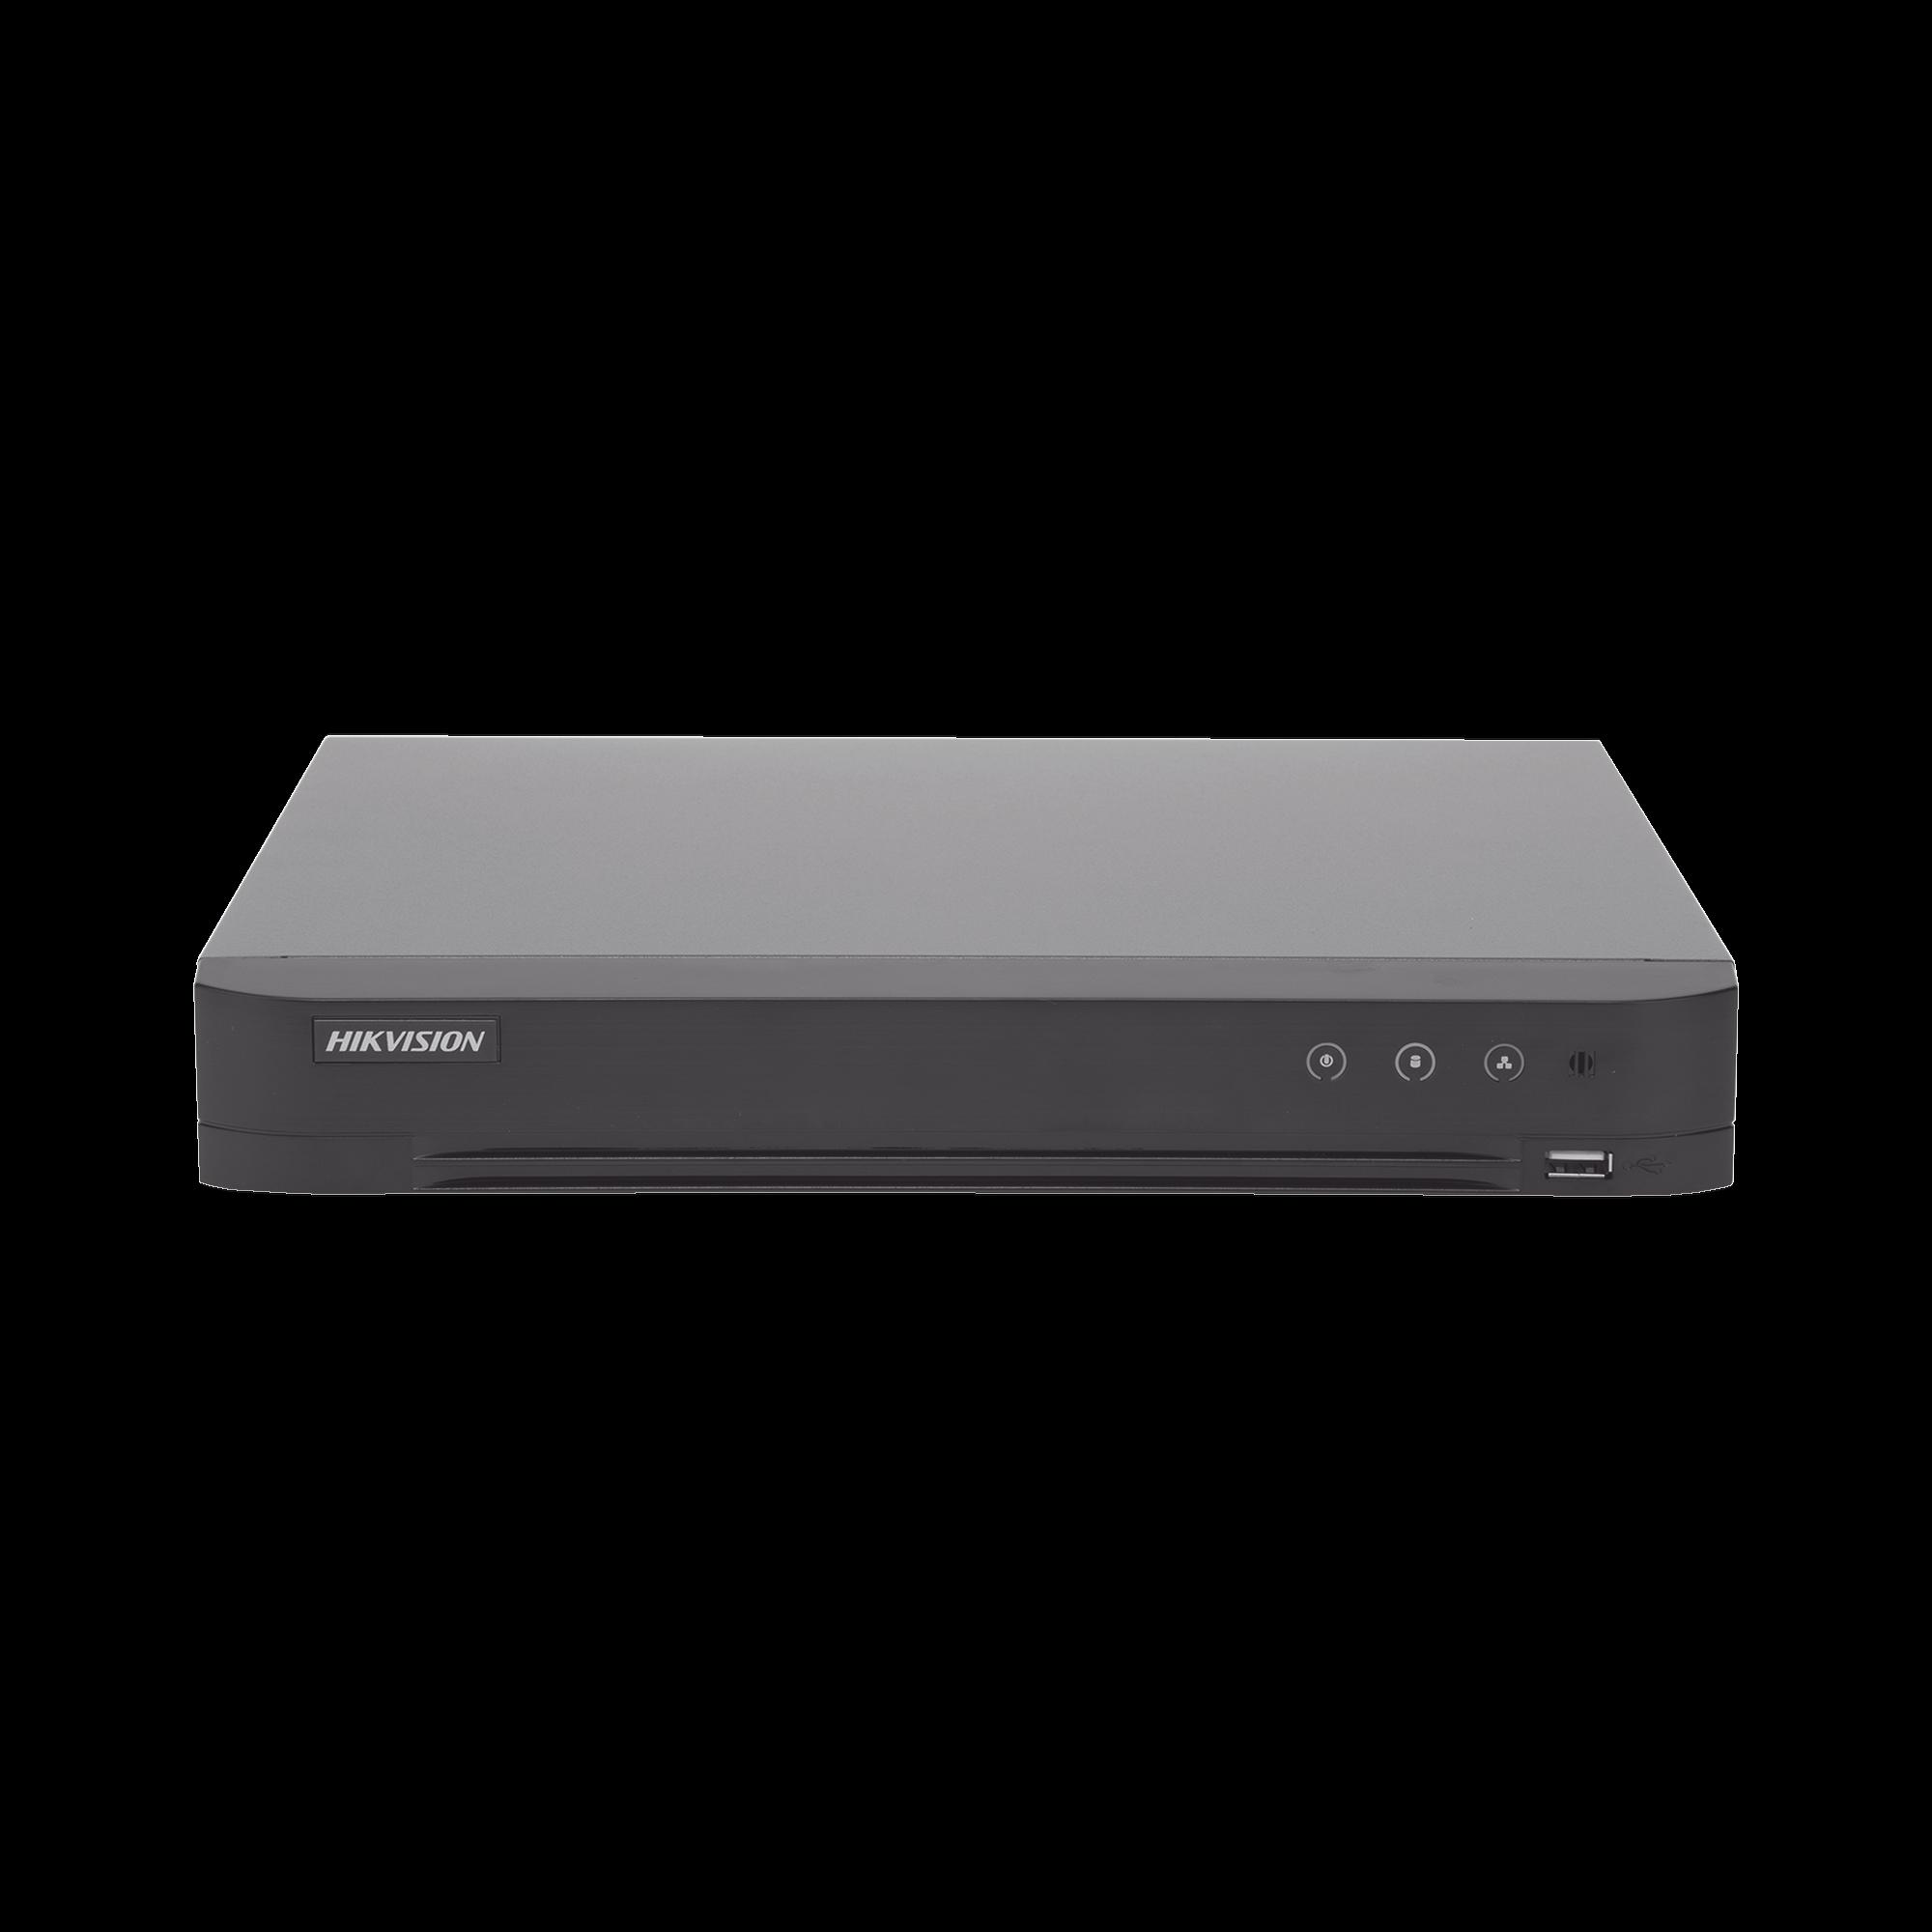 (ACUSENSE / Evita Falsas Alarmas) DVR 4 Megapixel / 8 Canales TURBOHD + 4 Canales IP / Detección de Rostros / 1 Bahía de Disco Duro / Audio por Coaxitron / Salida de Vídeo en Full HD